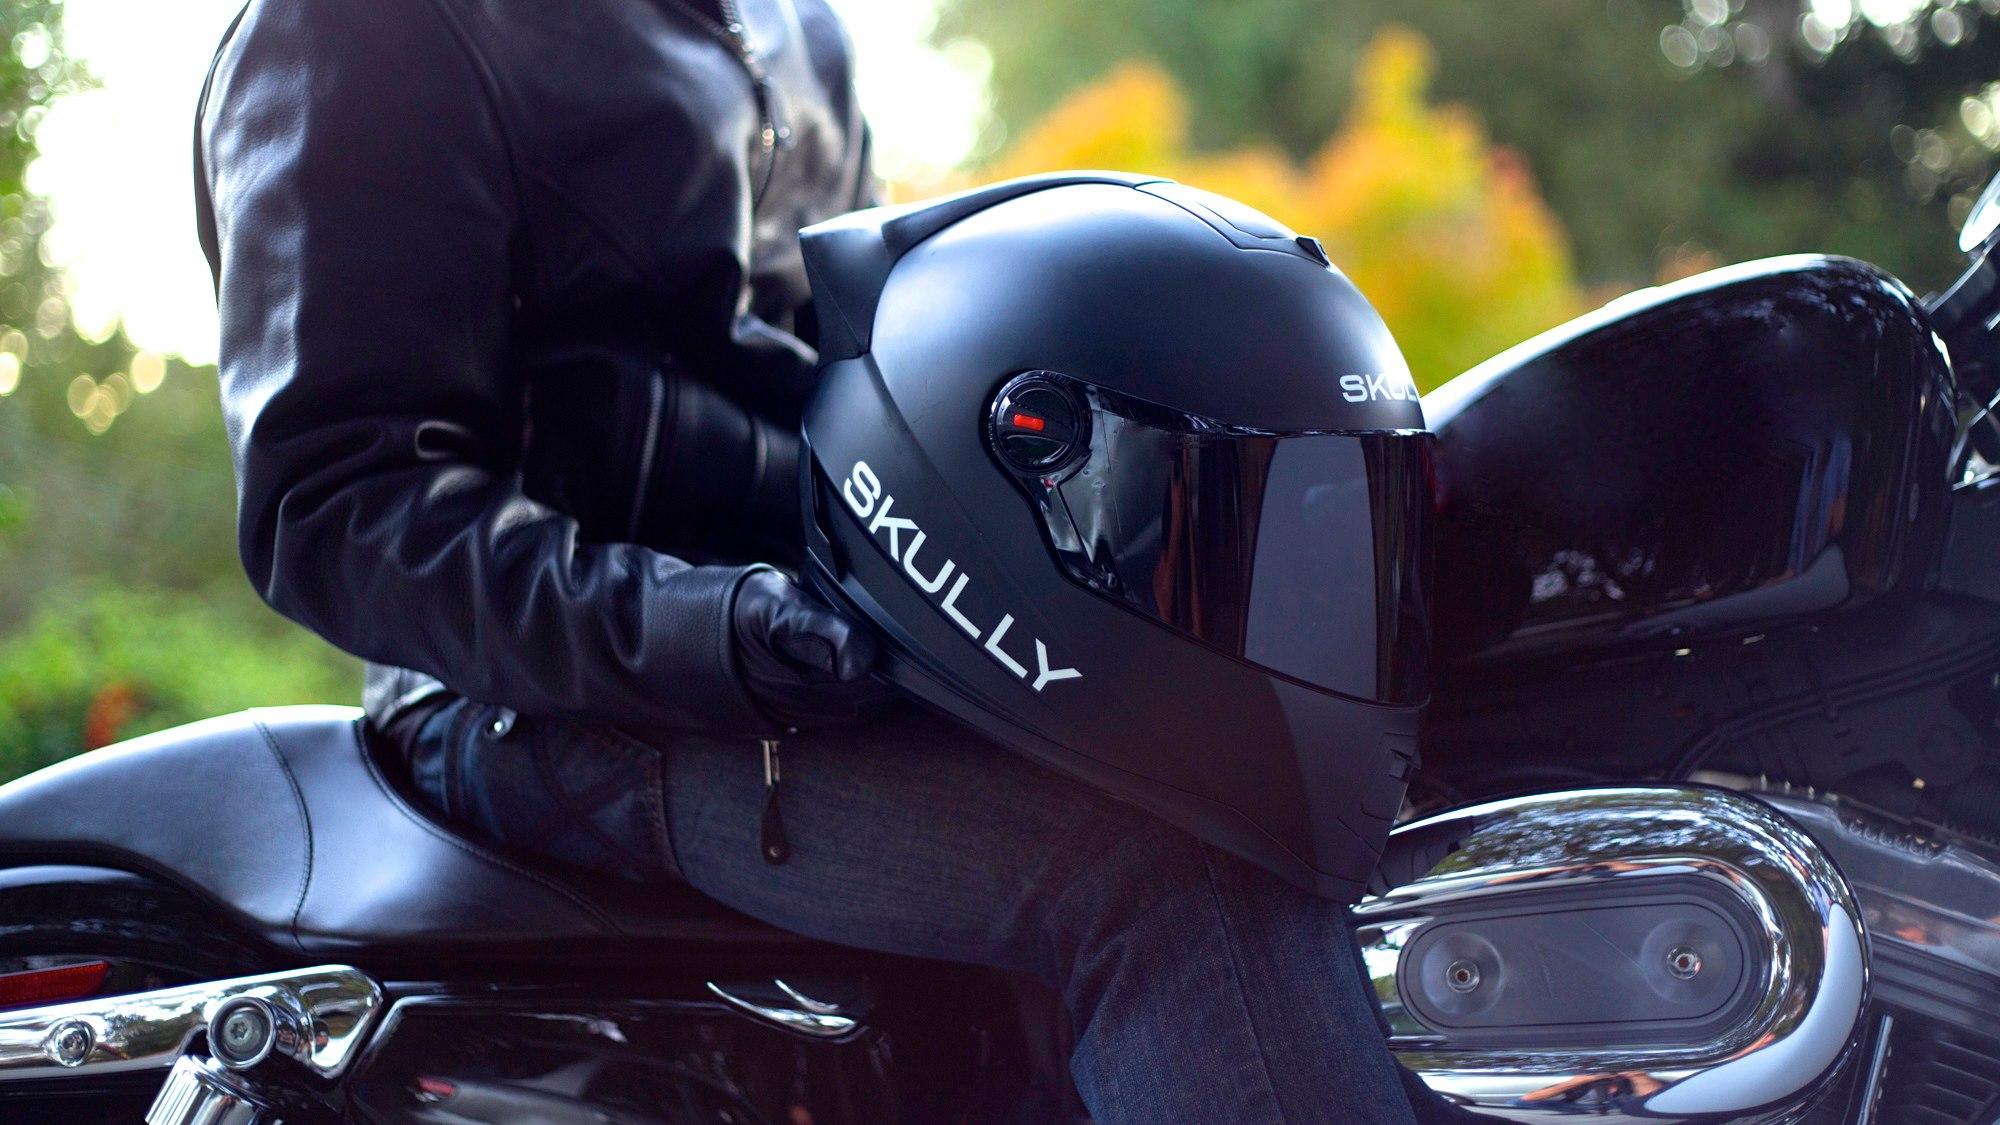 skully le casque de moto connect ultime frandroid. Black Bedroom Furniture Sets. Home Design Ideas